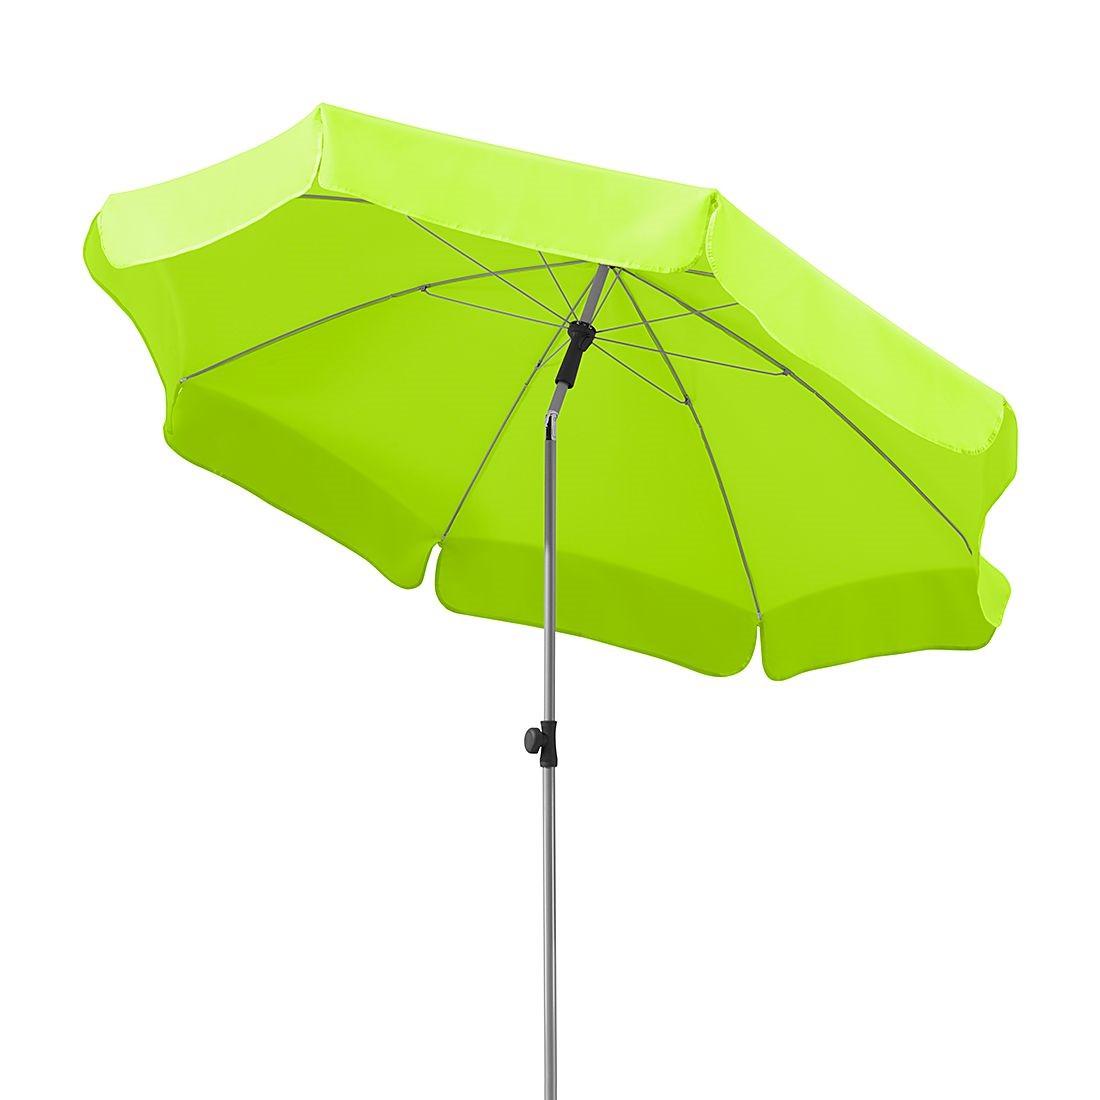 Sonnenschirm Micco II - Stahl/Polyester - Silber/ Apfelgrün, Schneider Schirme